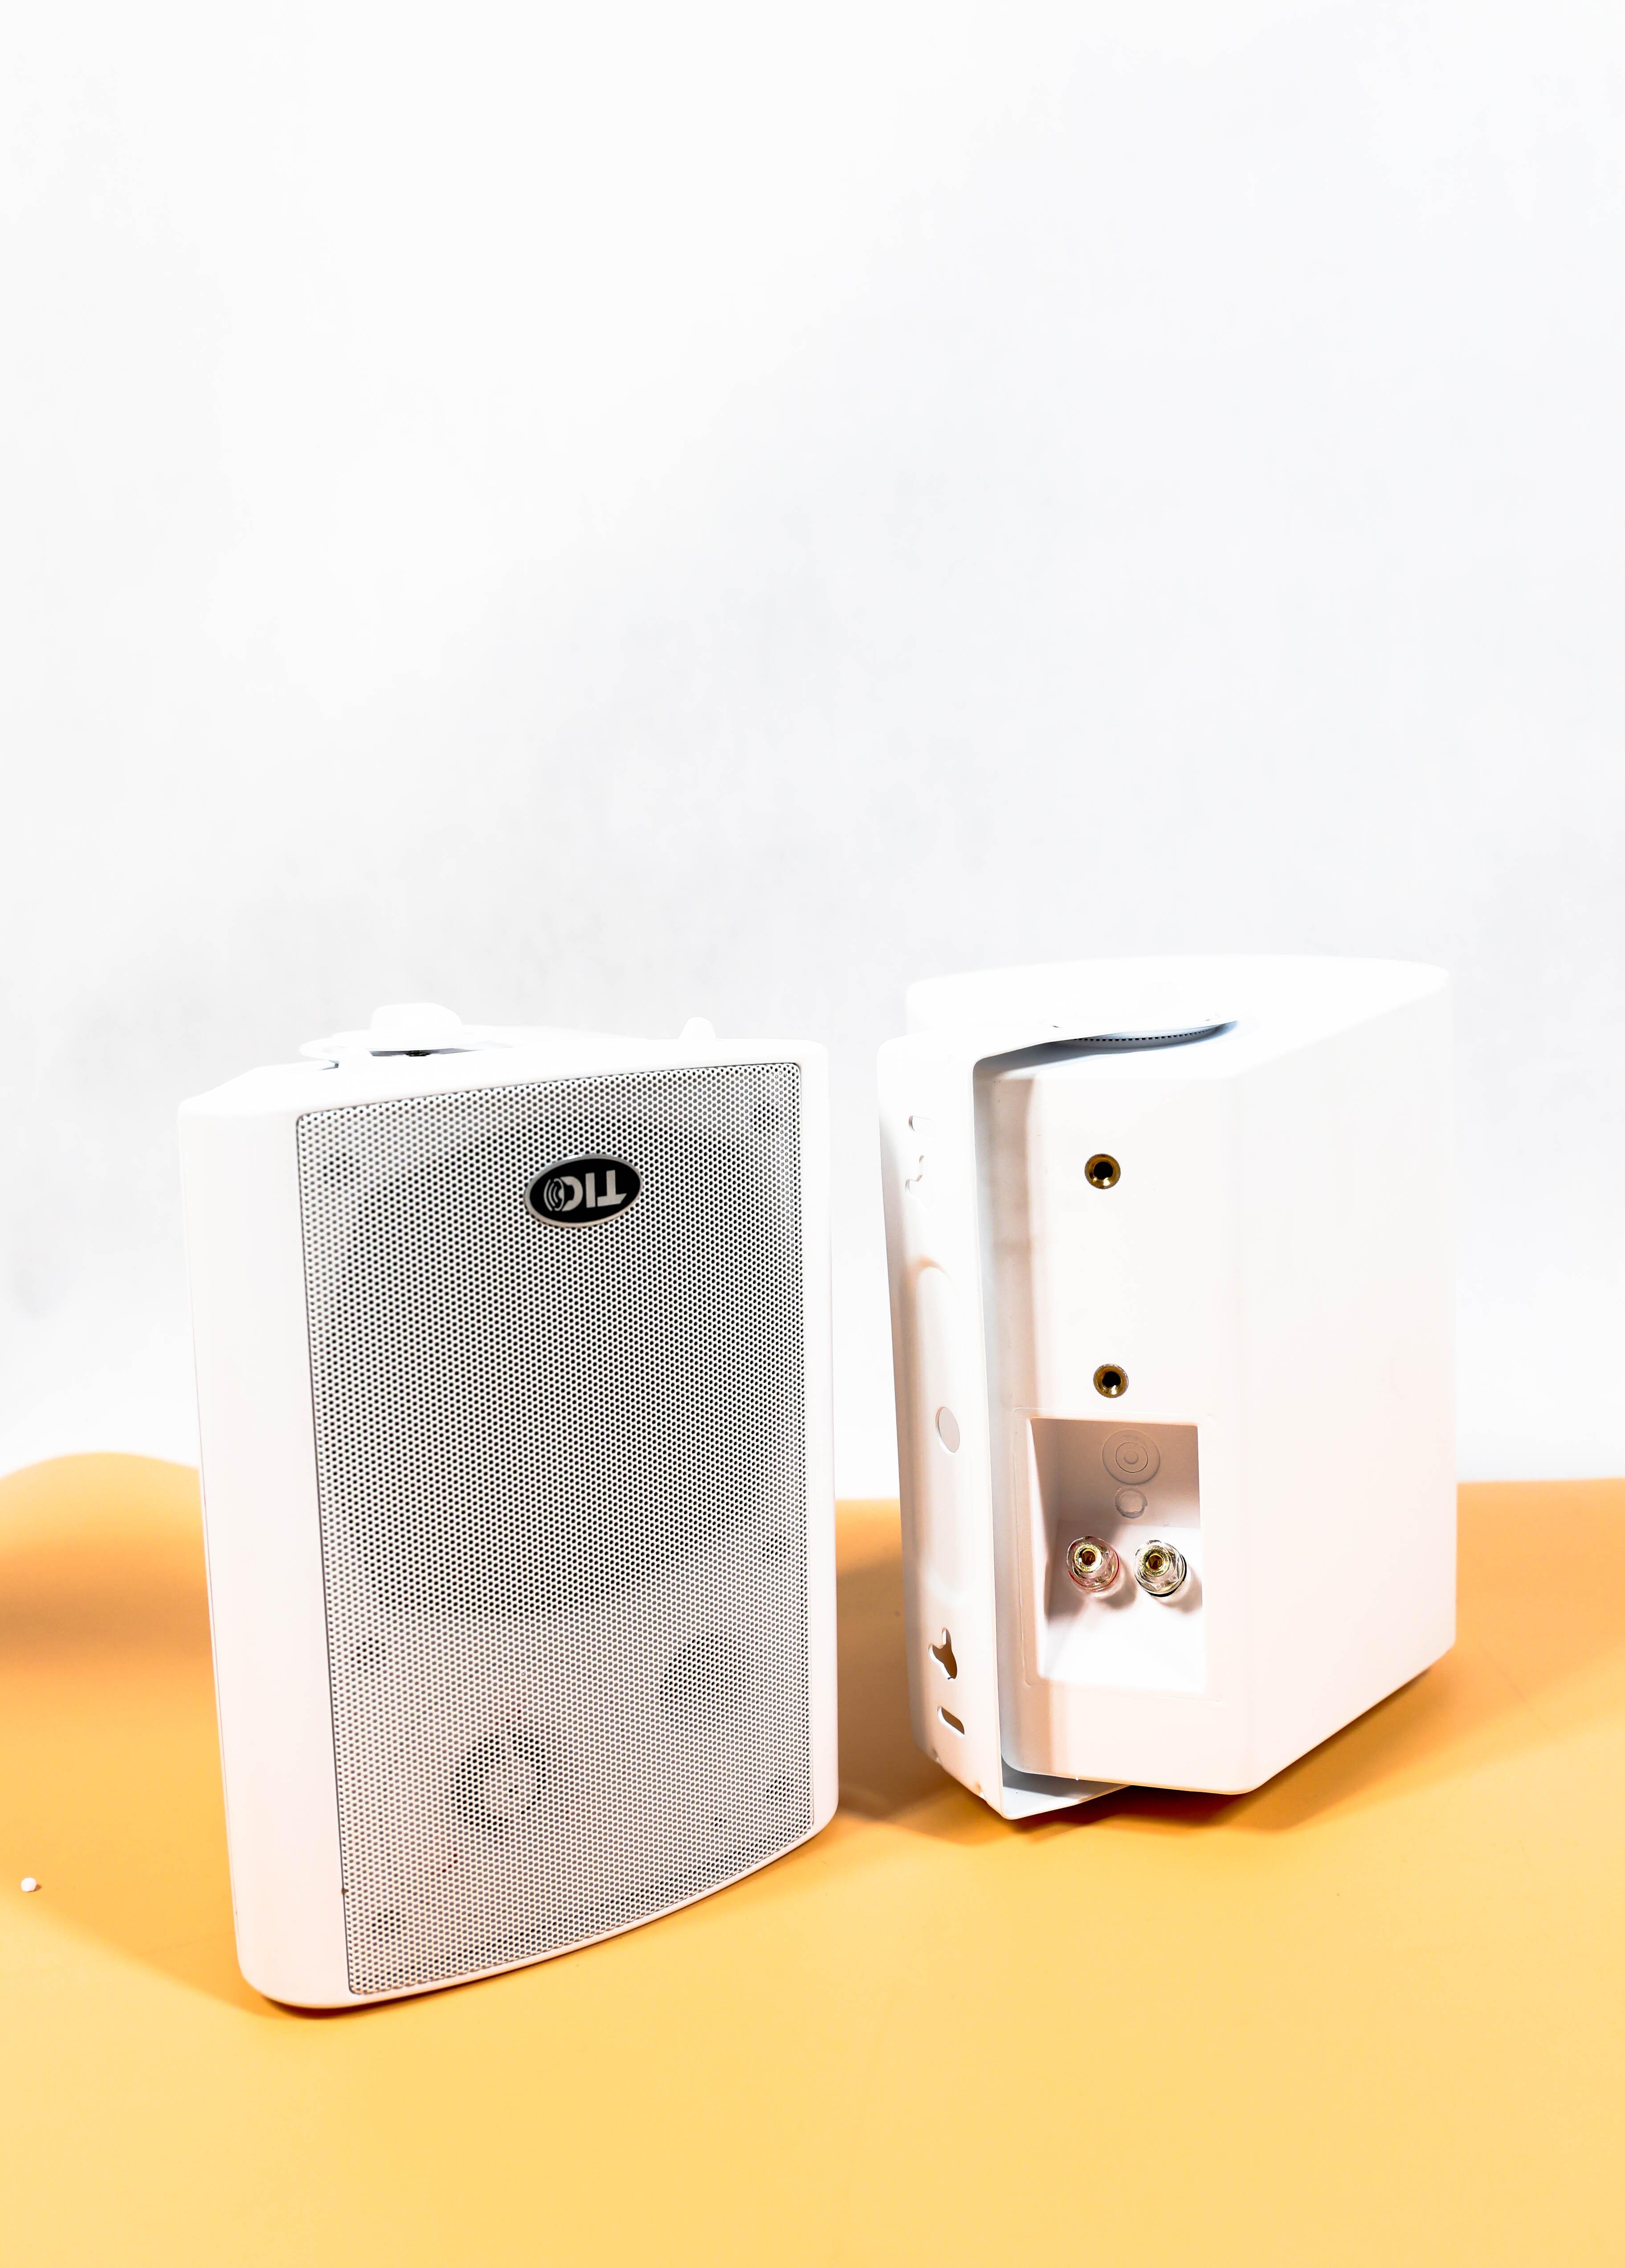 loa TIC PAT5 chat